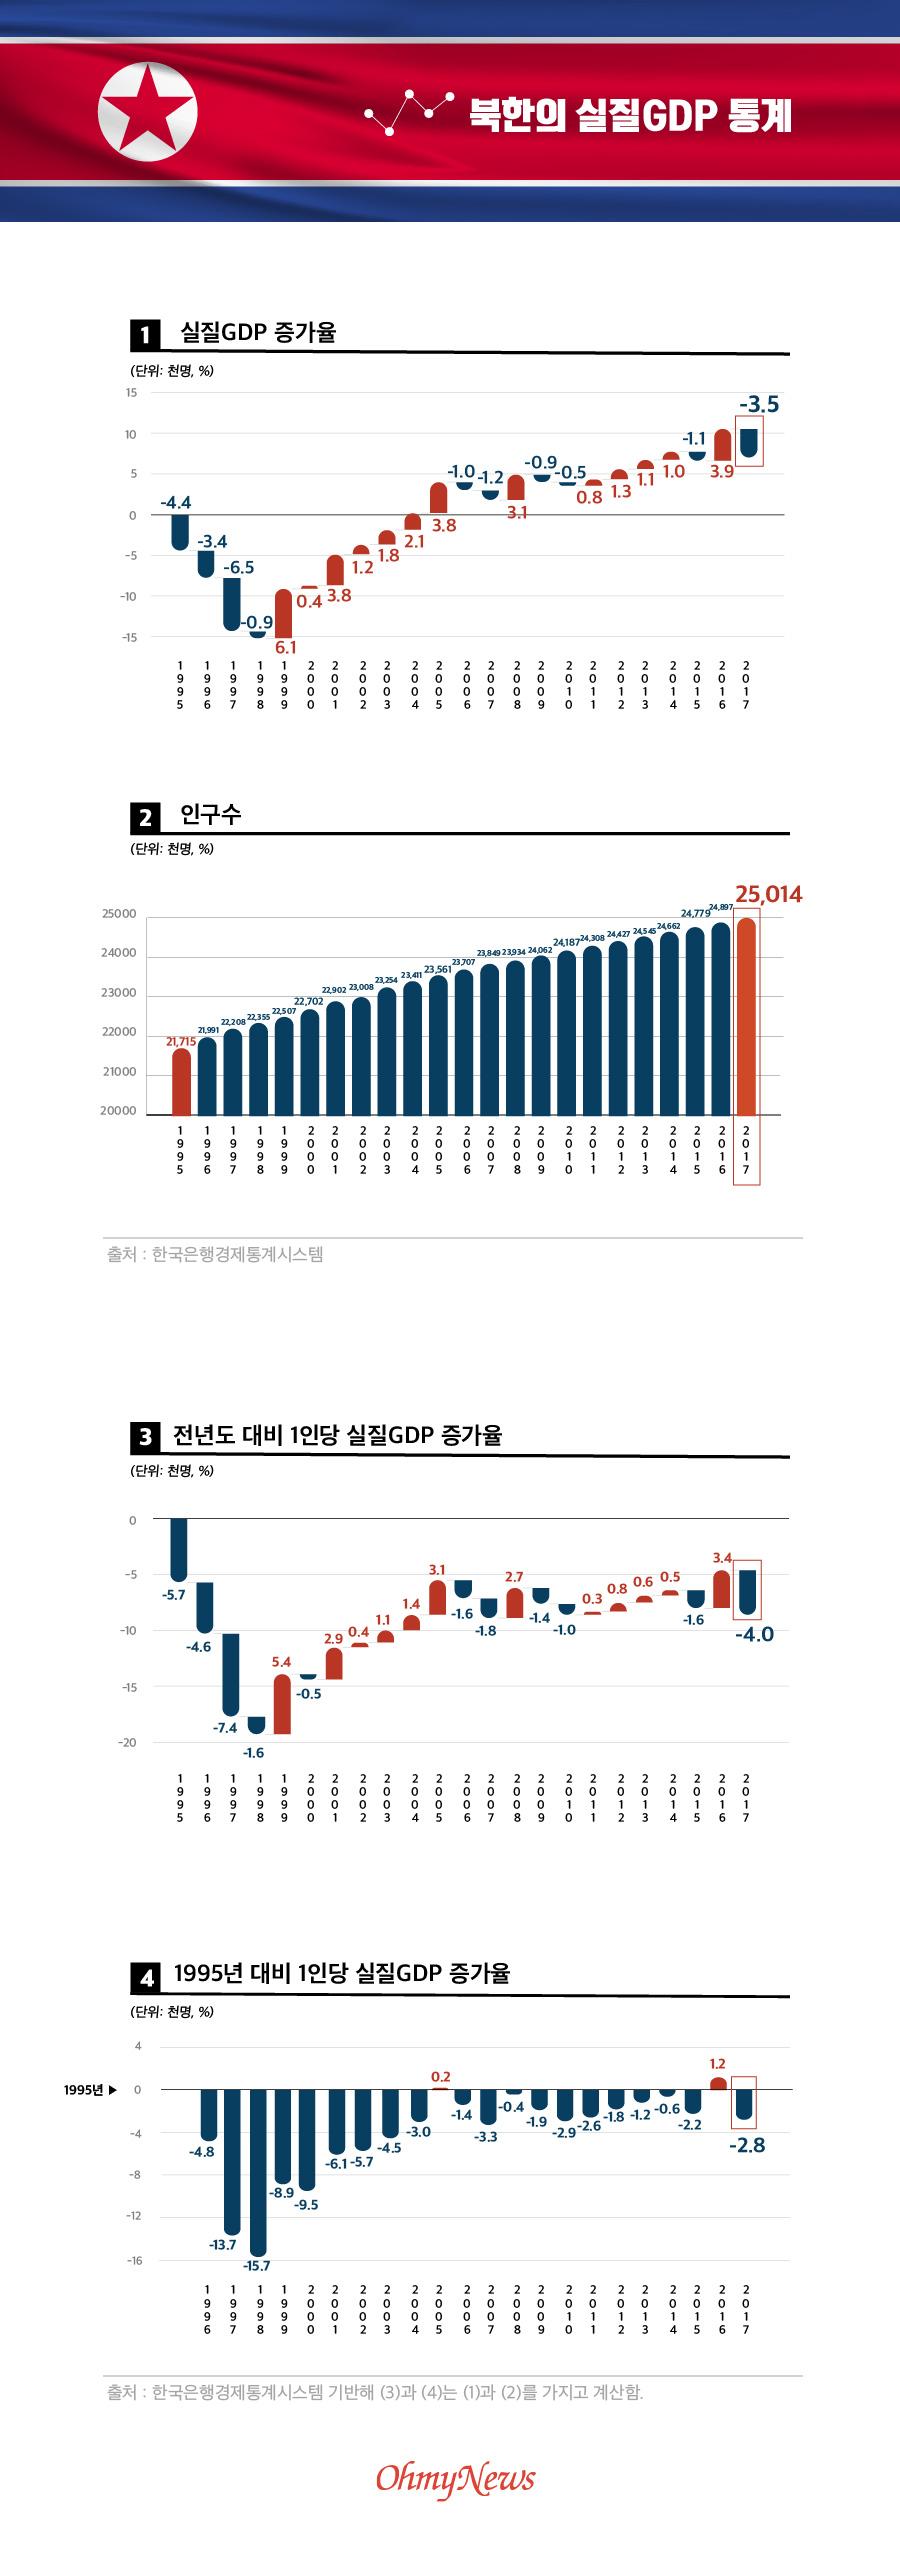 북한의 실질GDP 관련 통계